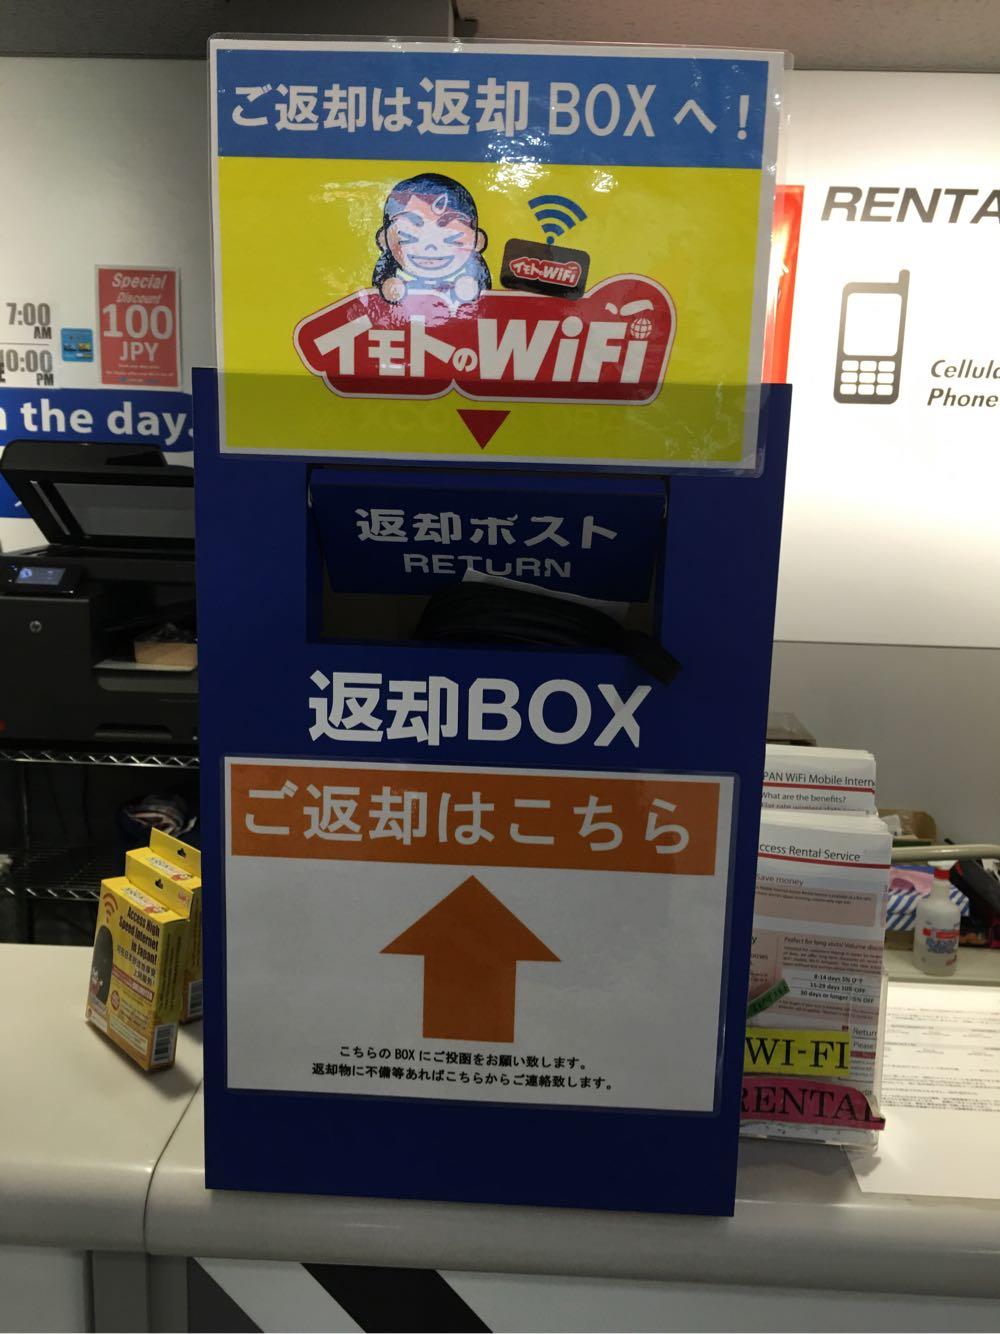 イモトWi-Fiルーターの返却ボックス!